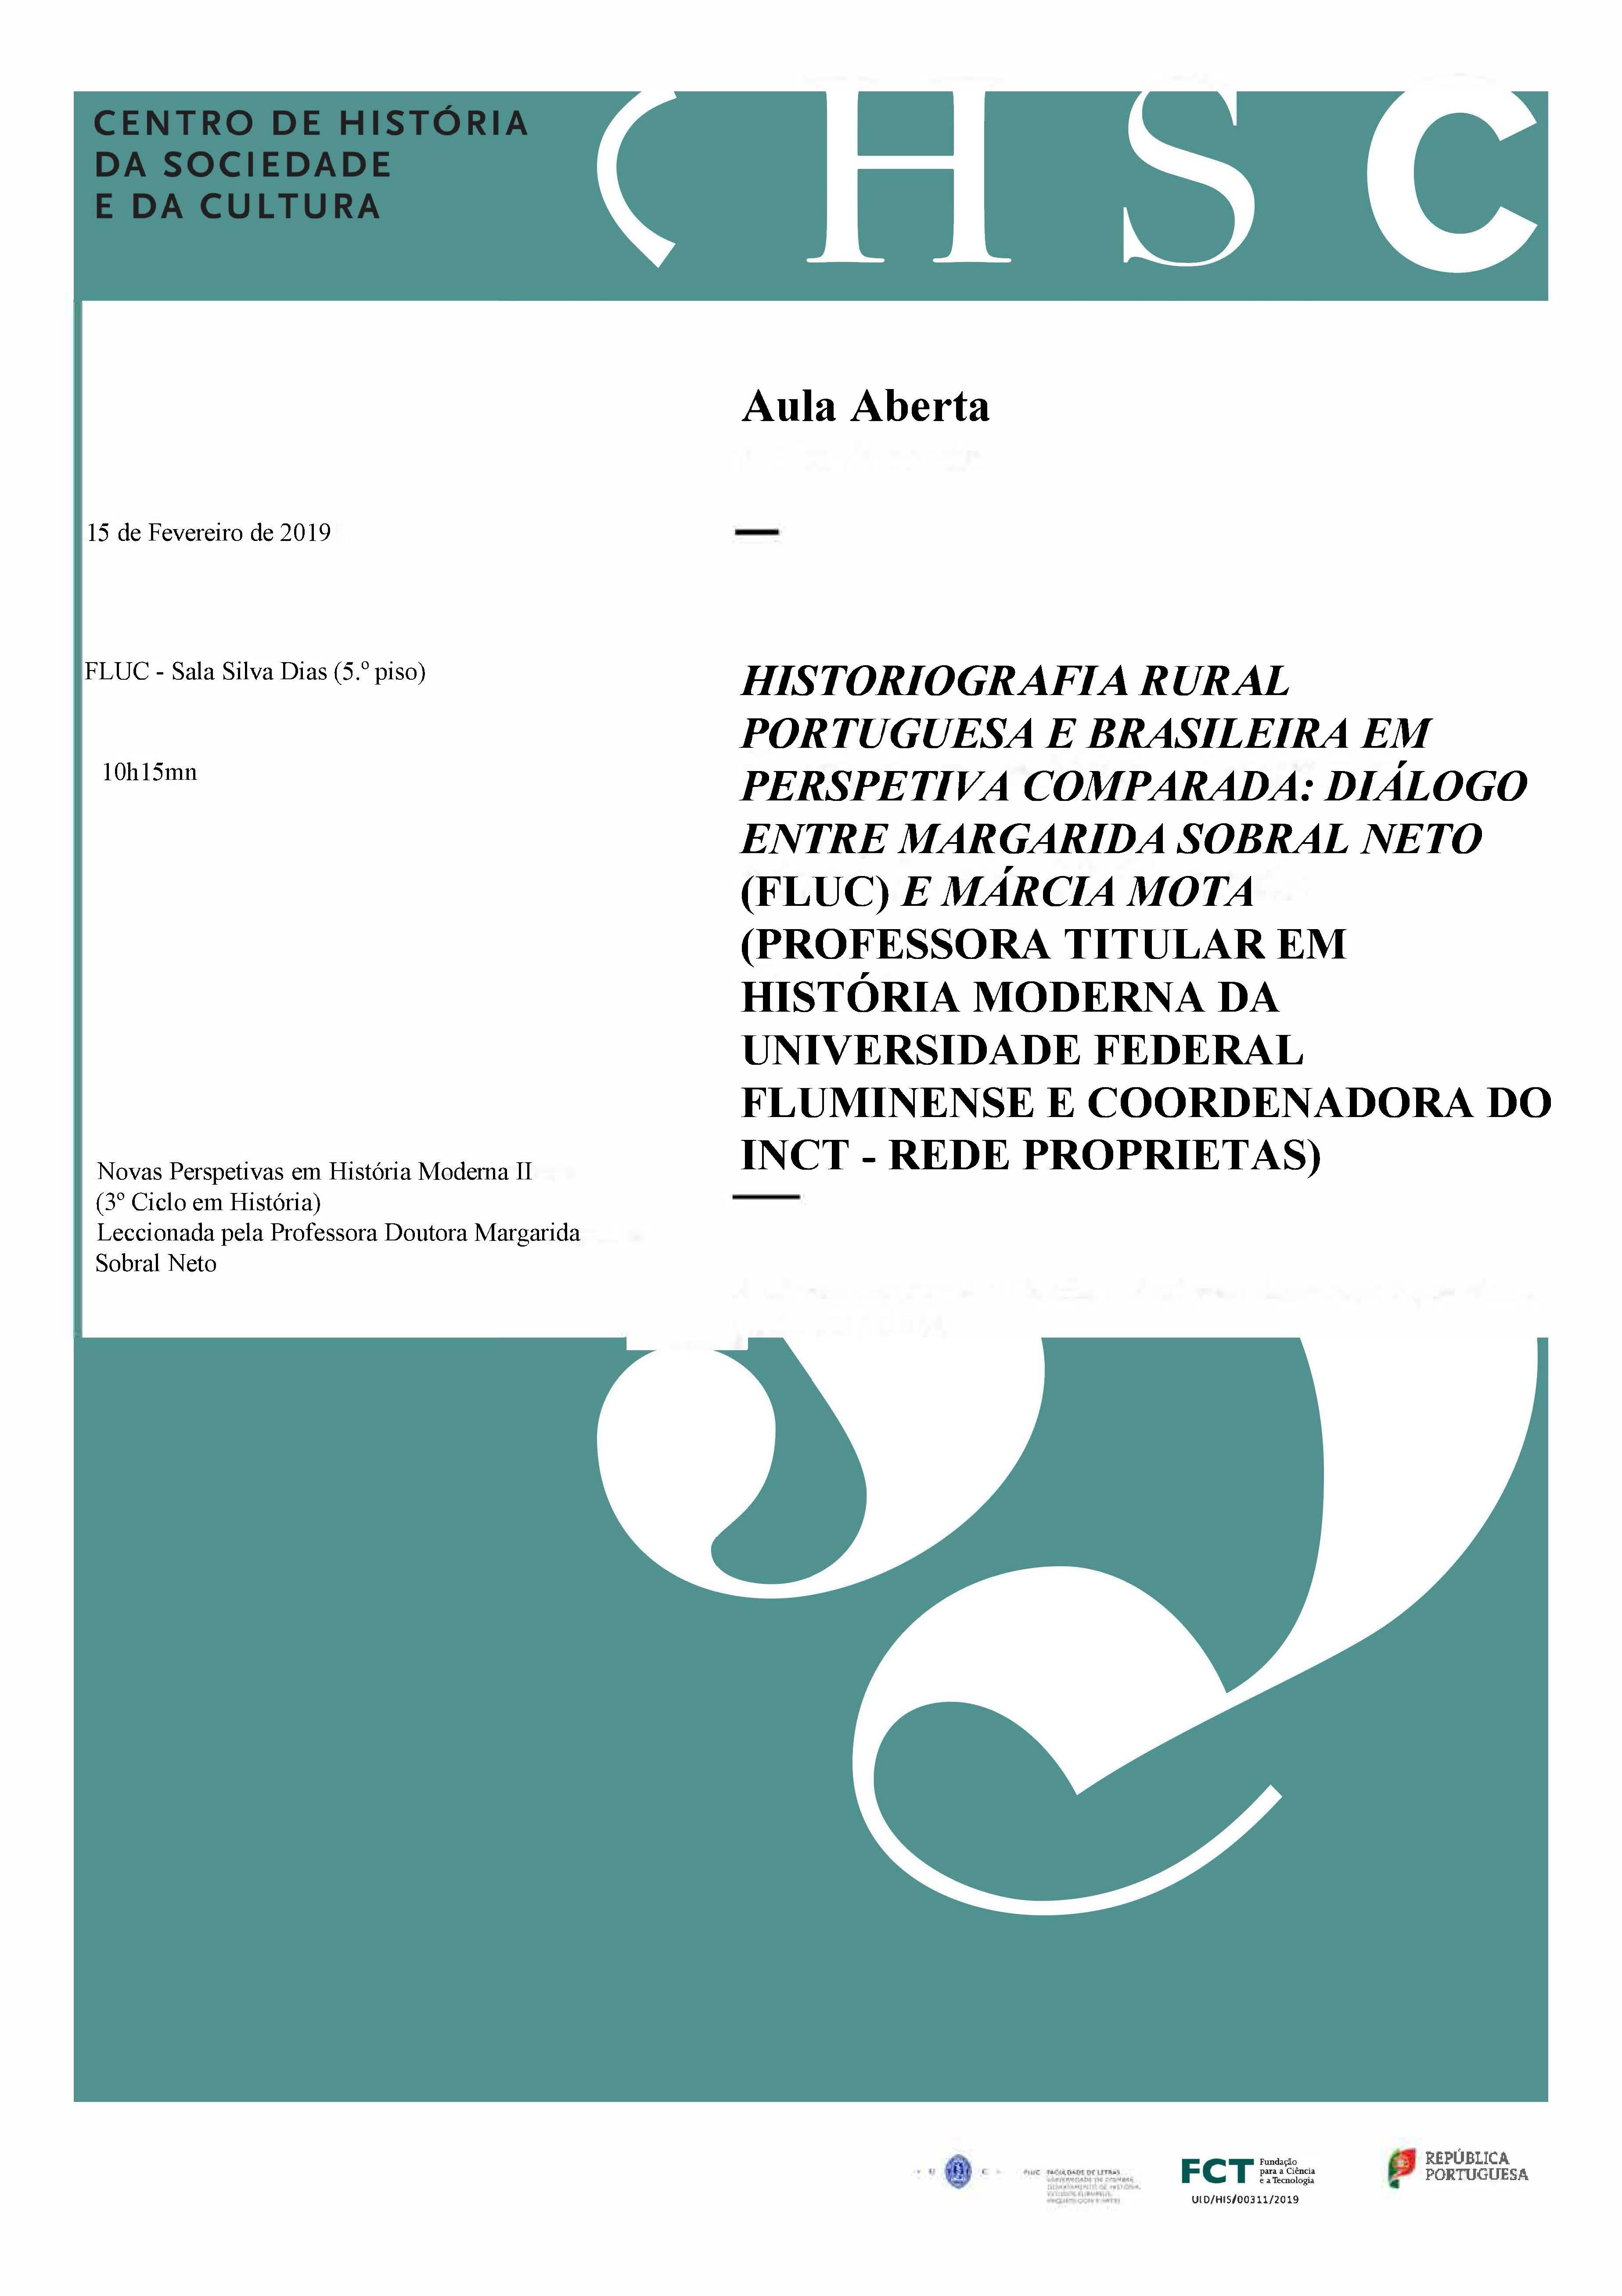 AULA ABERTA – HISTORIOGRAFIA RURAL PORTUGUESA E BRASILEIRA EM PERSPETIVA COMPARADA: DIÁLOGO ENTRE MARGARIDA SOBRAL NETO  (FLUC) E MÁRCIA MOTA  (PROFESSORA TITULAR EM HISTÓRIA MODERNA DA UNIVERSIDADE FEDERAL FLUMINENSE E COORDENADORA DO INCT – REDE PROPRIETAS)